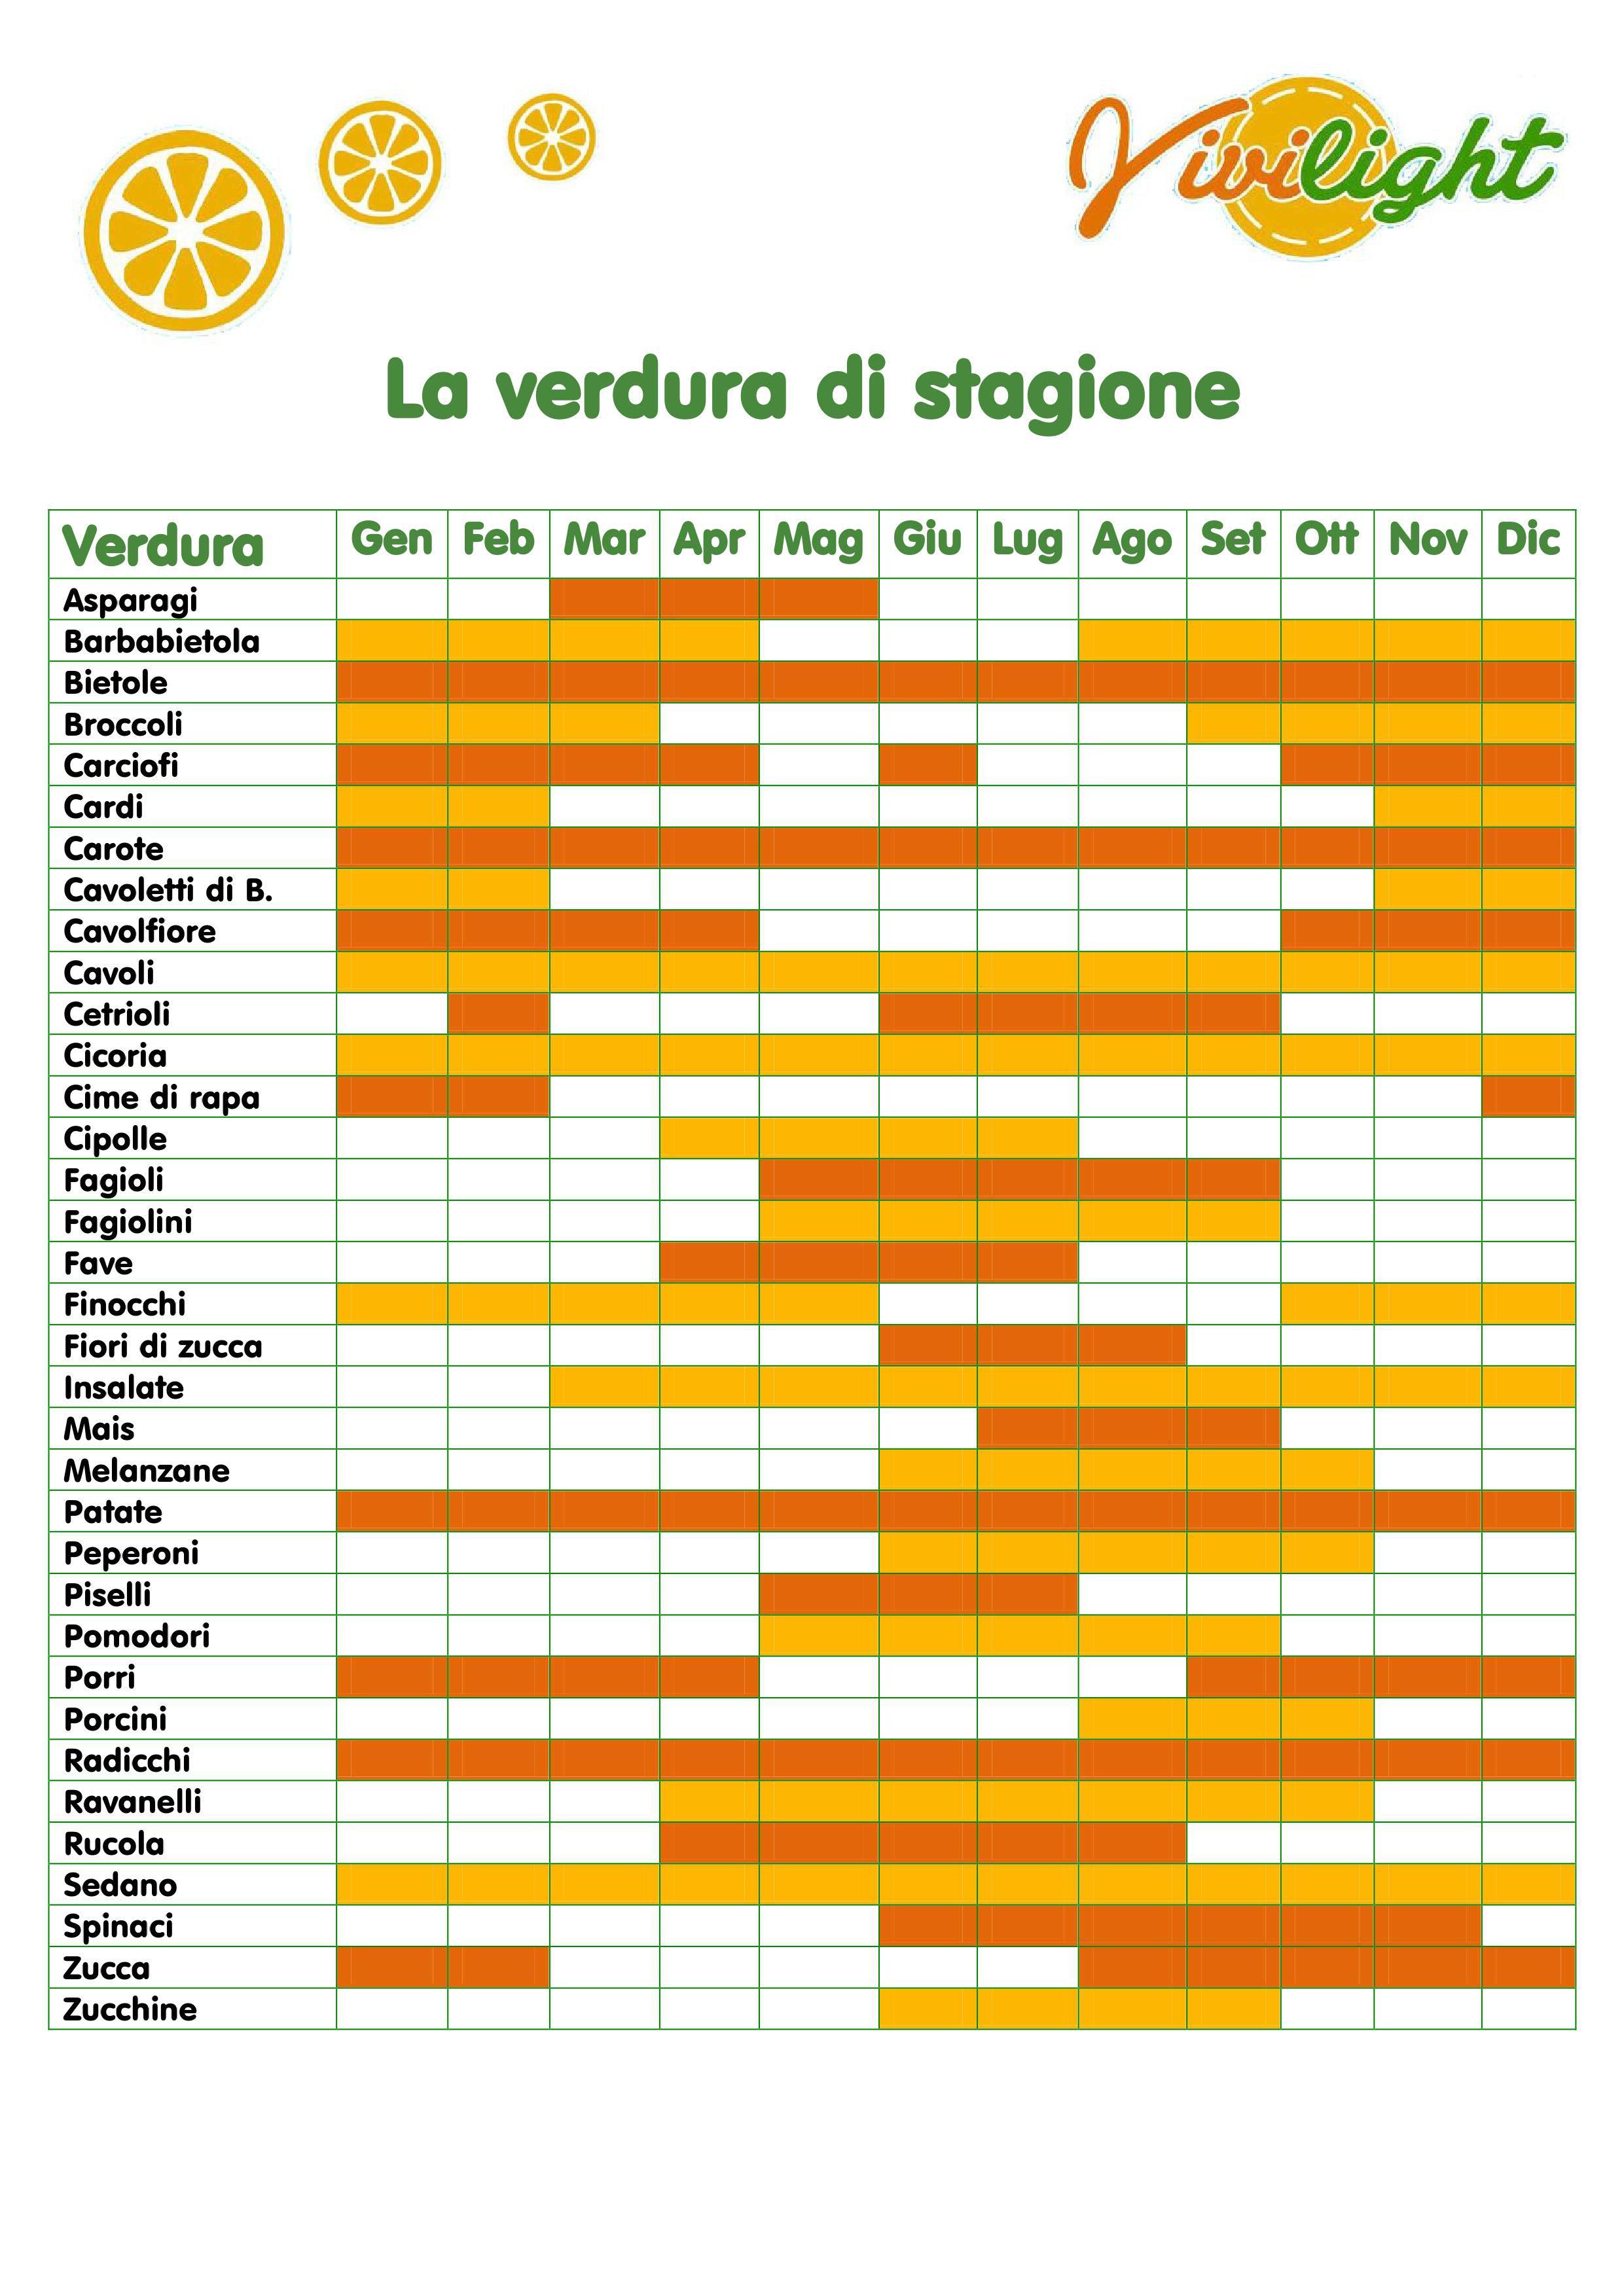 tabella verdura di stagione per vl